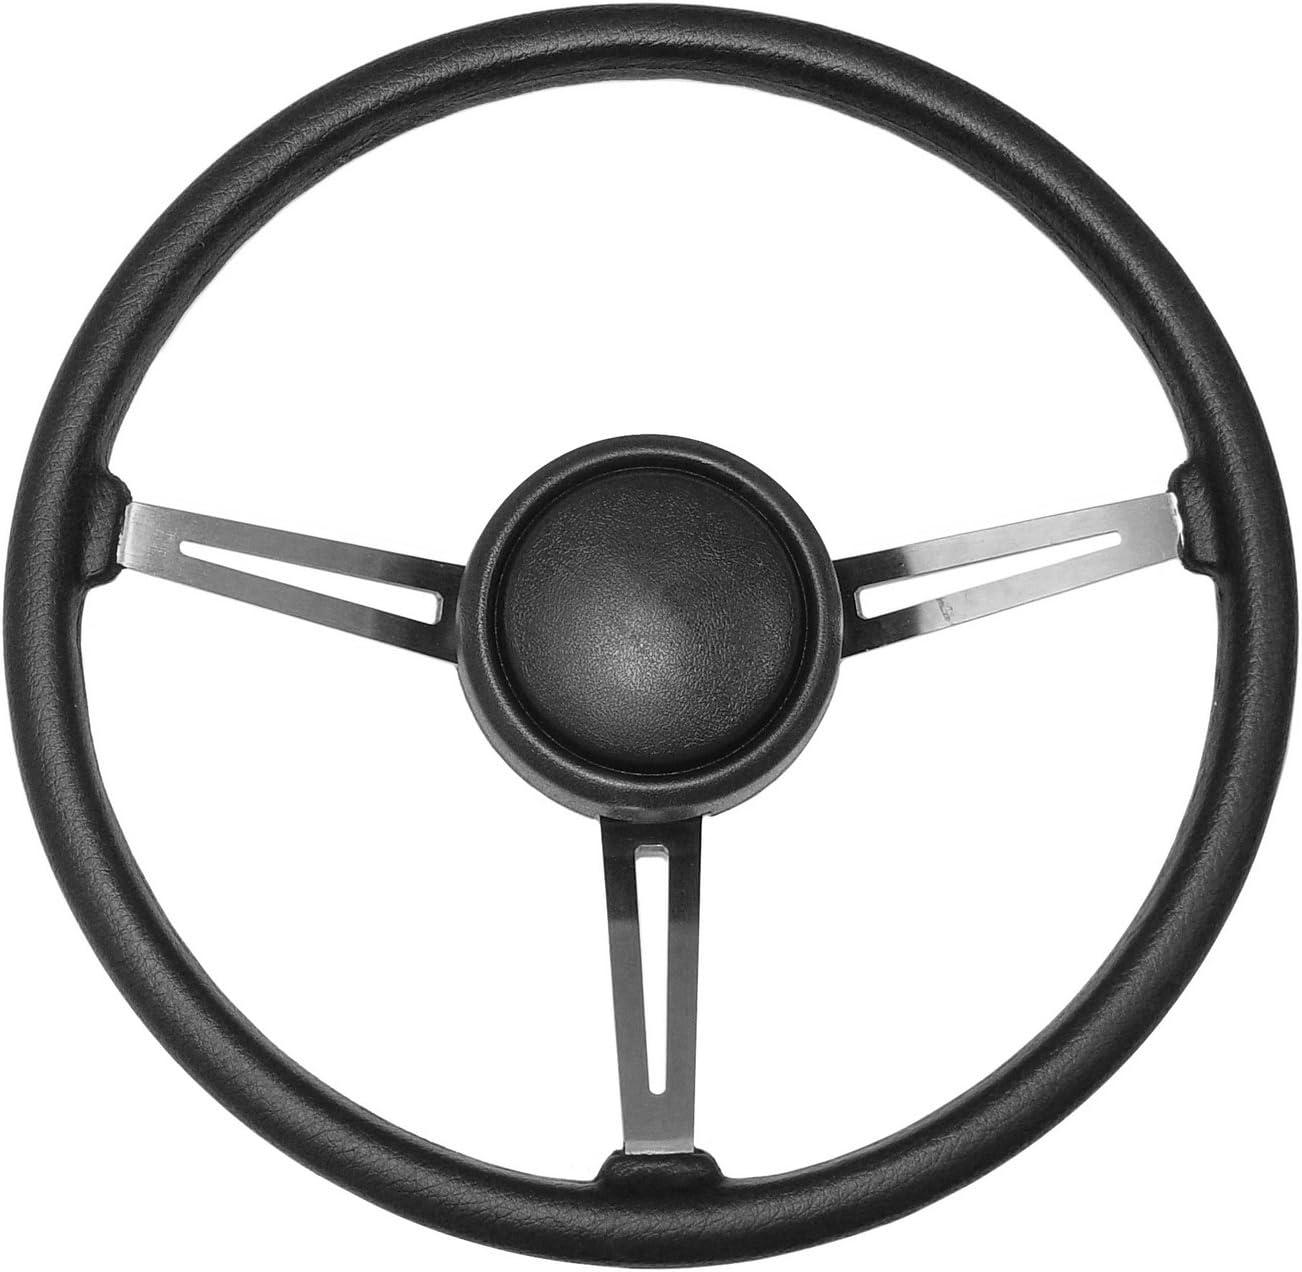 Omix-ADA Steering Wheel Sport Leather Black Jeep XJ//YJ 18031.11